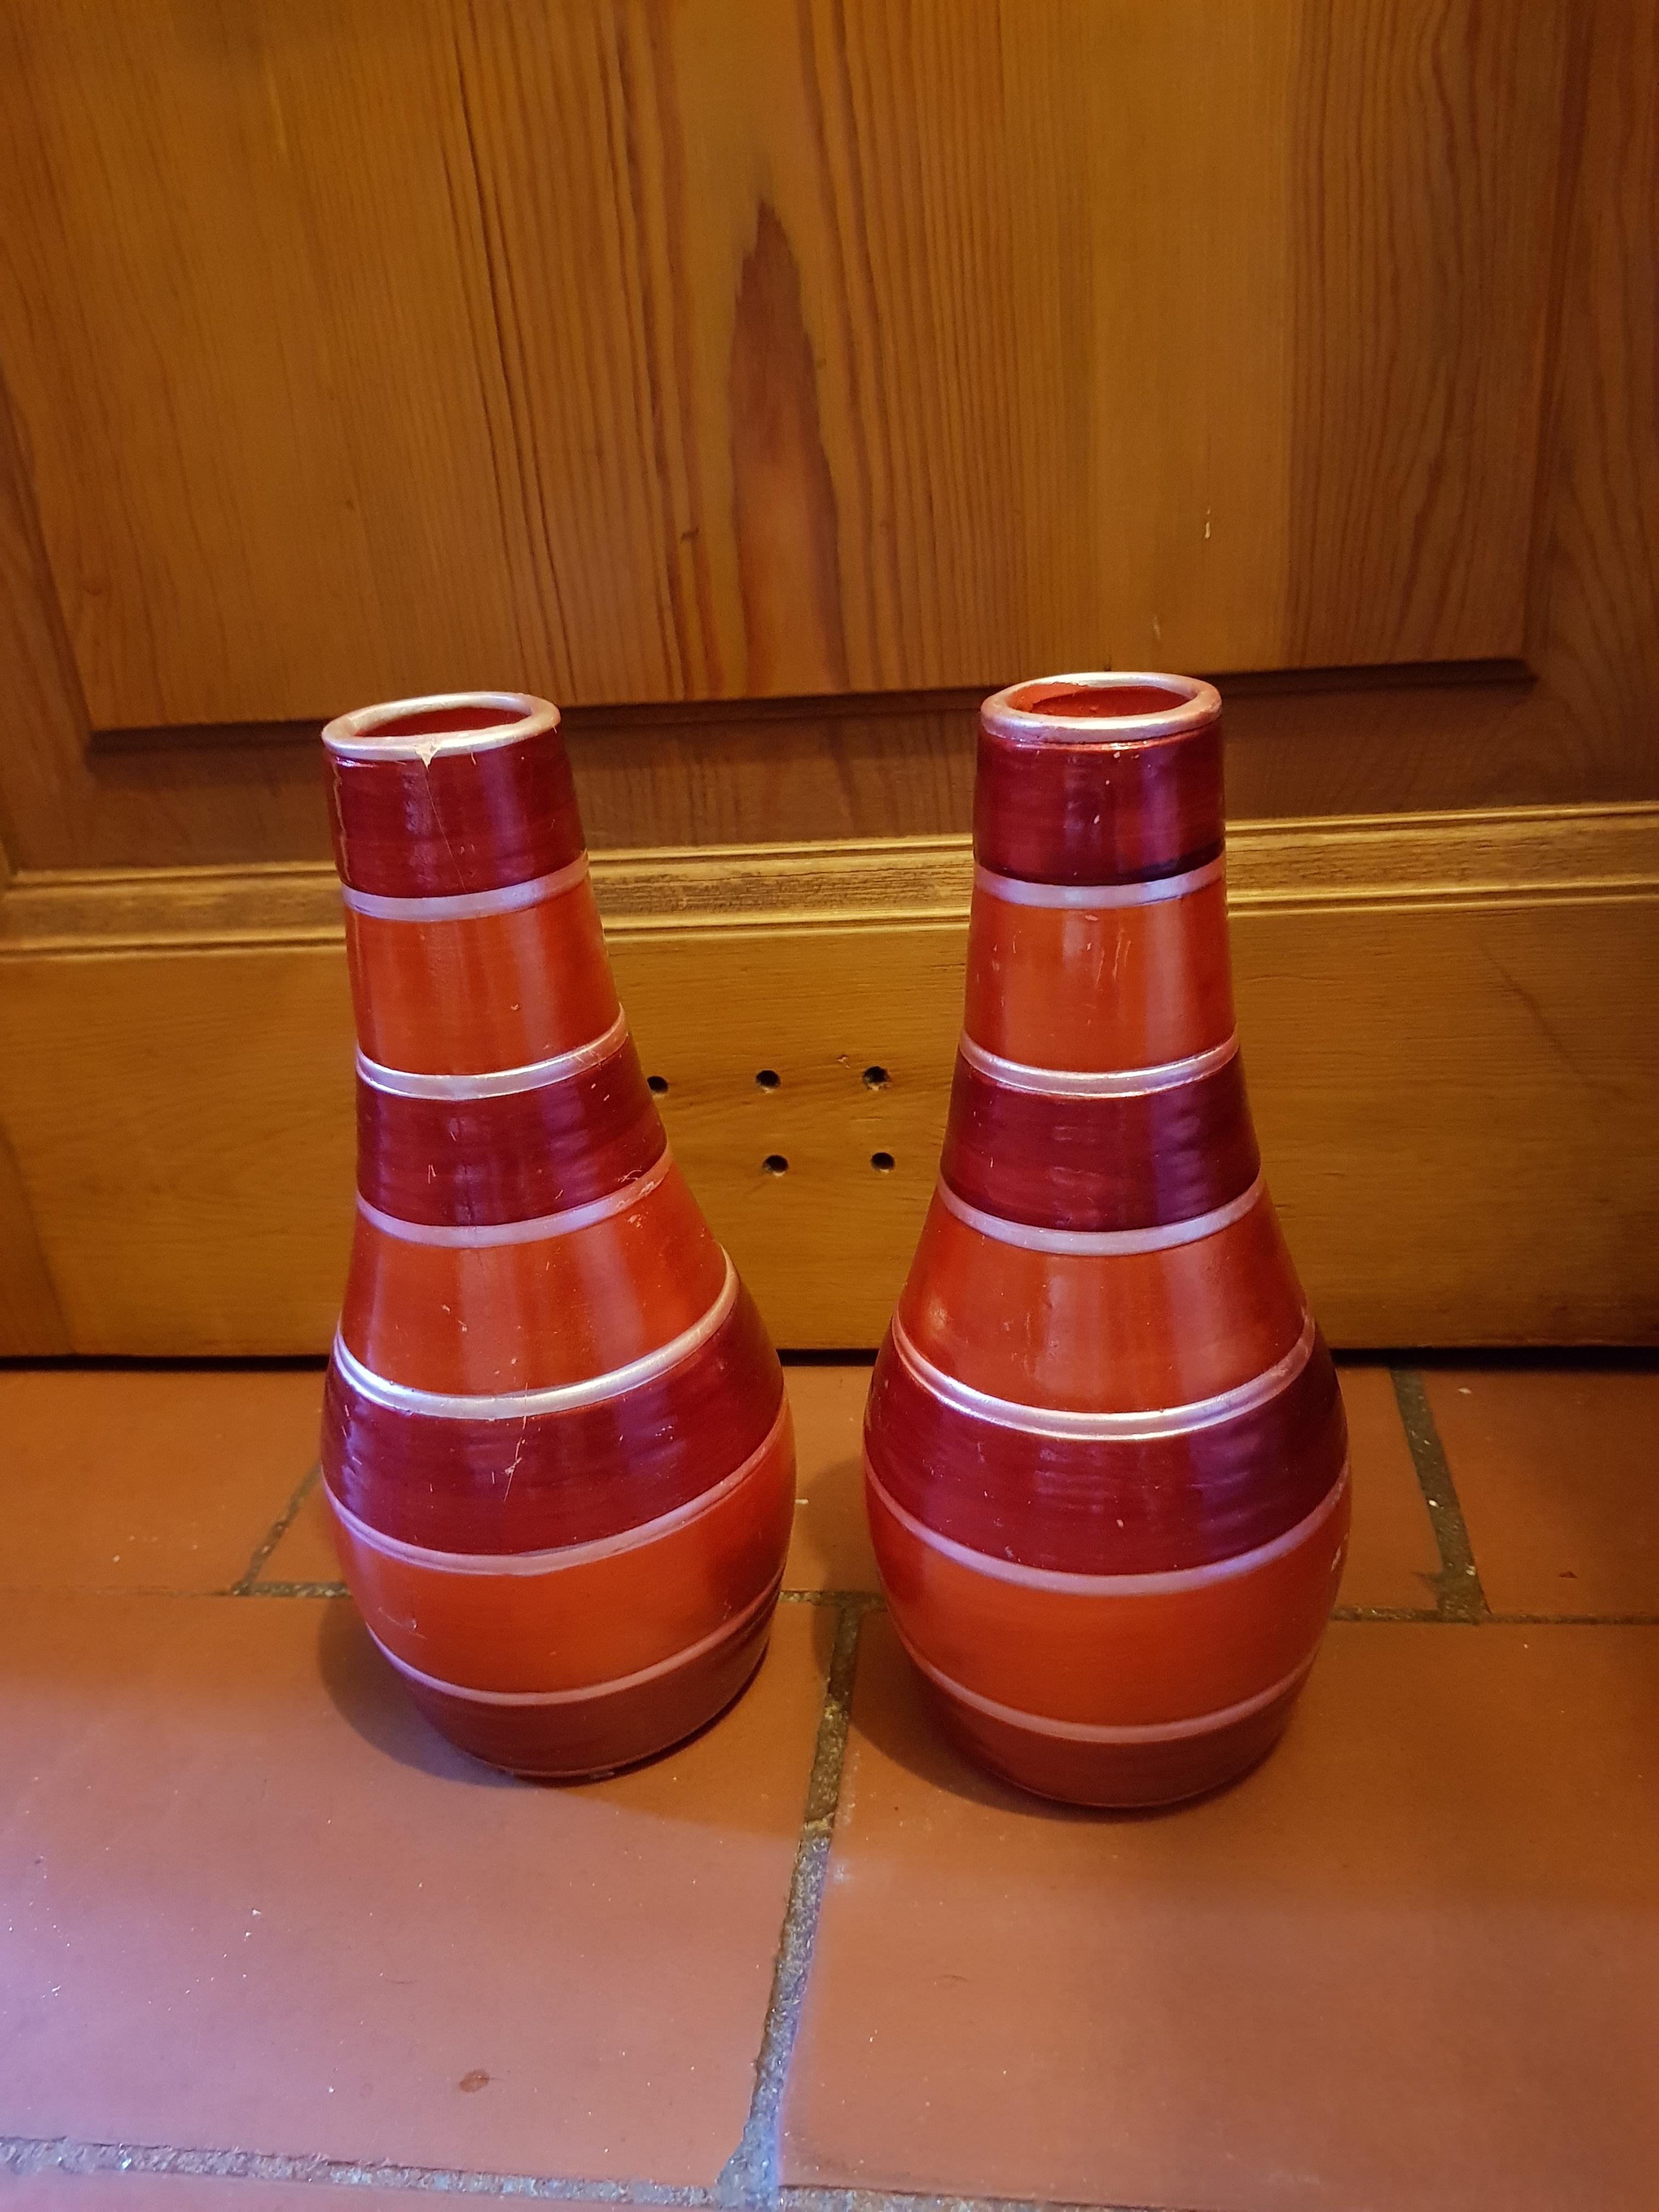 troc de troc lot de deux vases rouge et or image 0